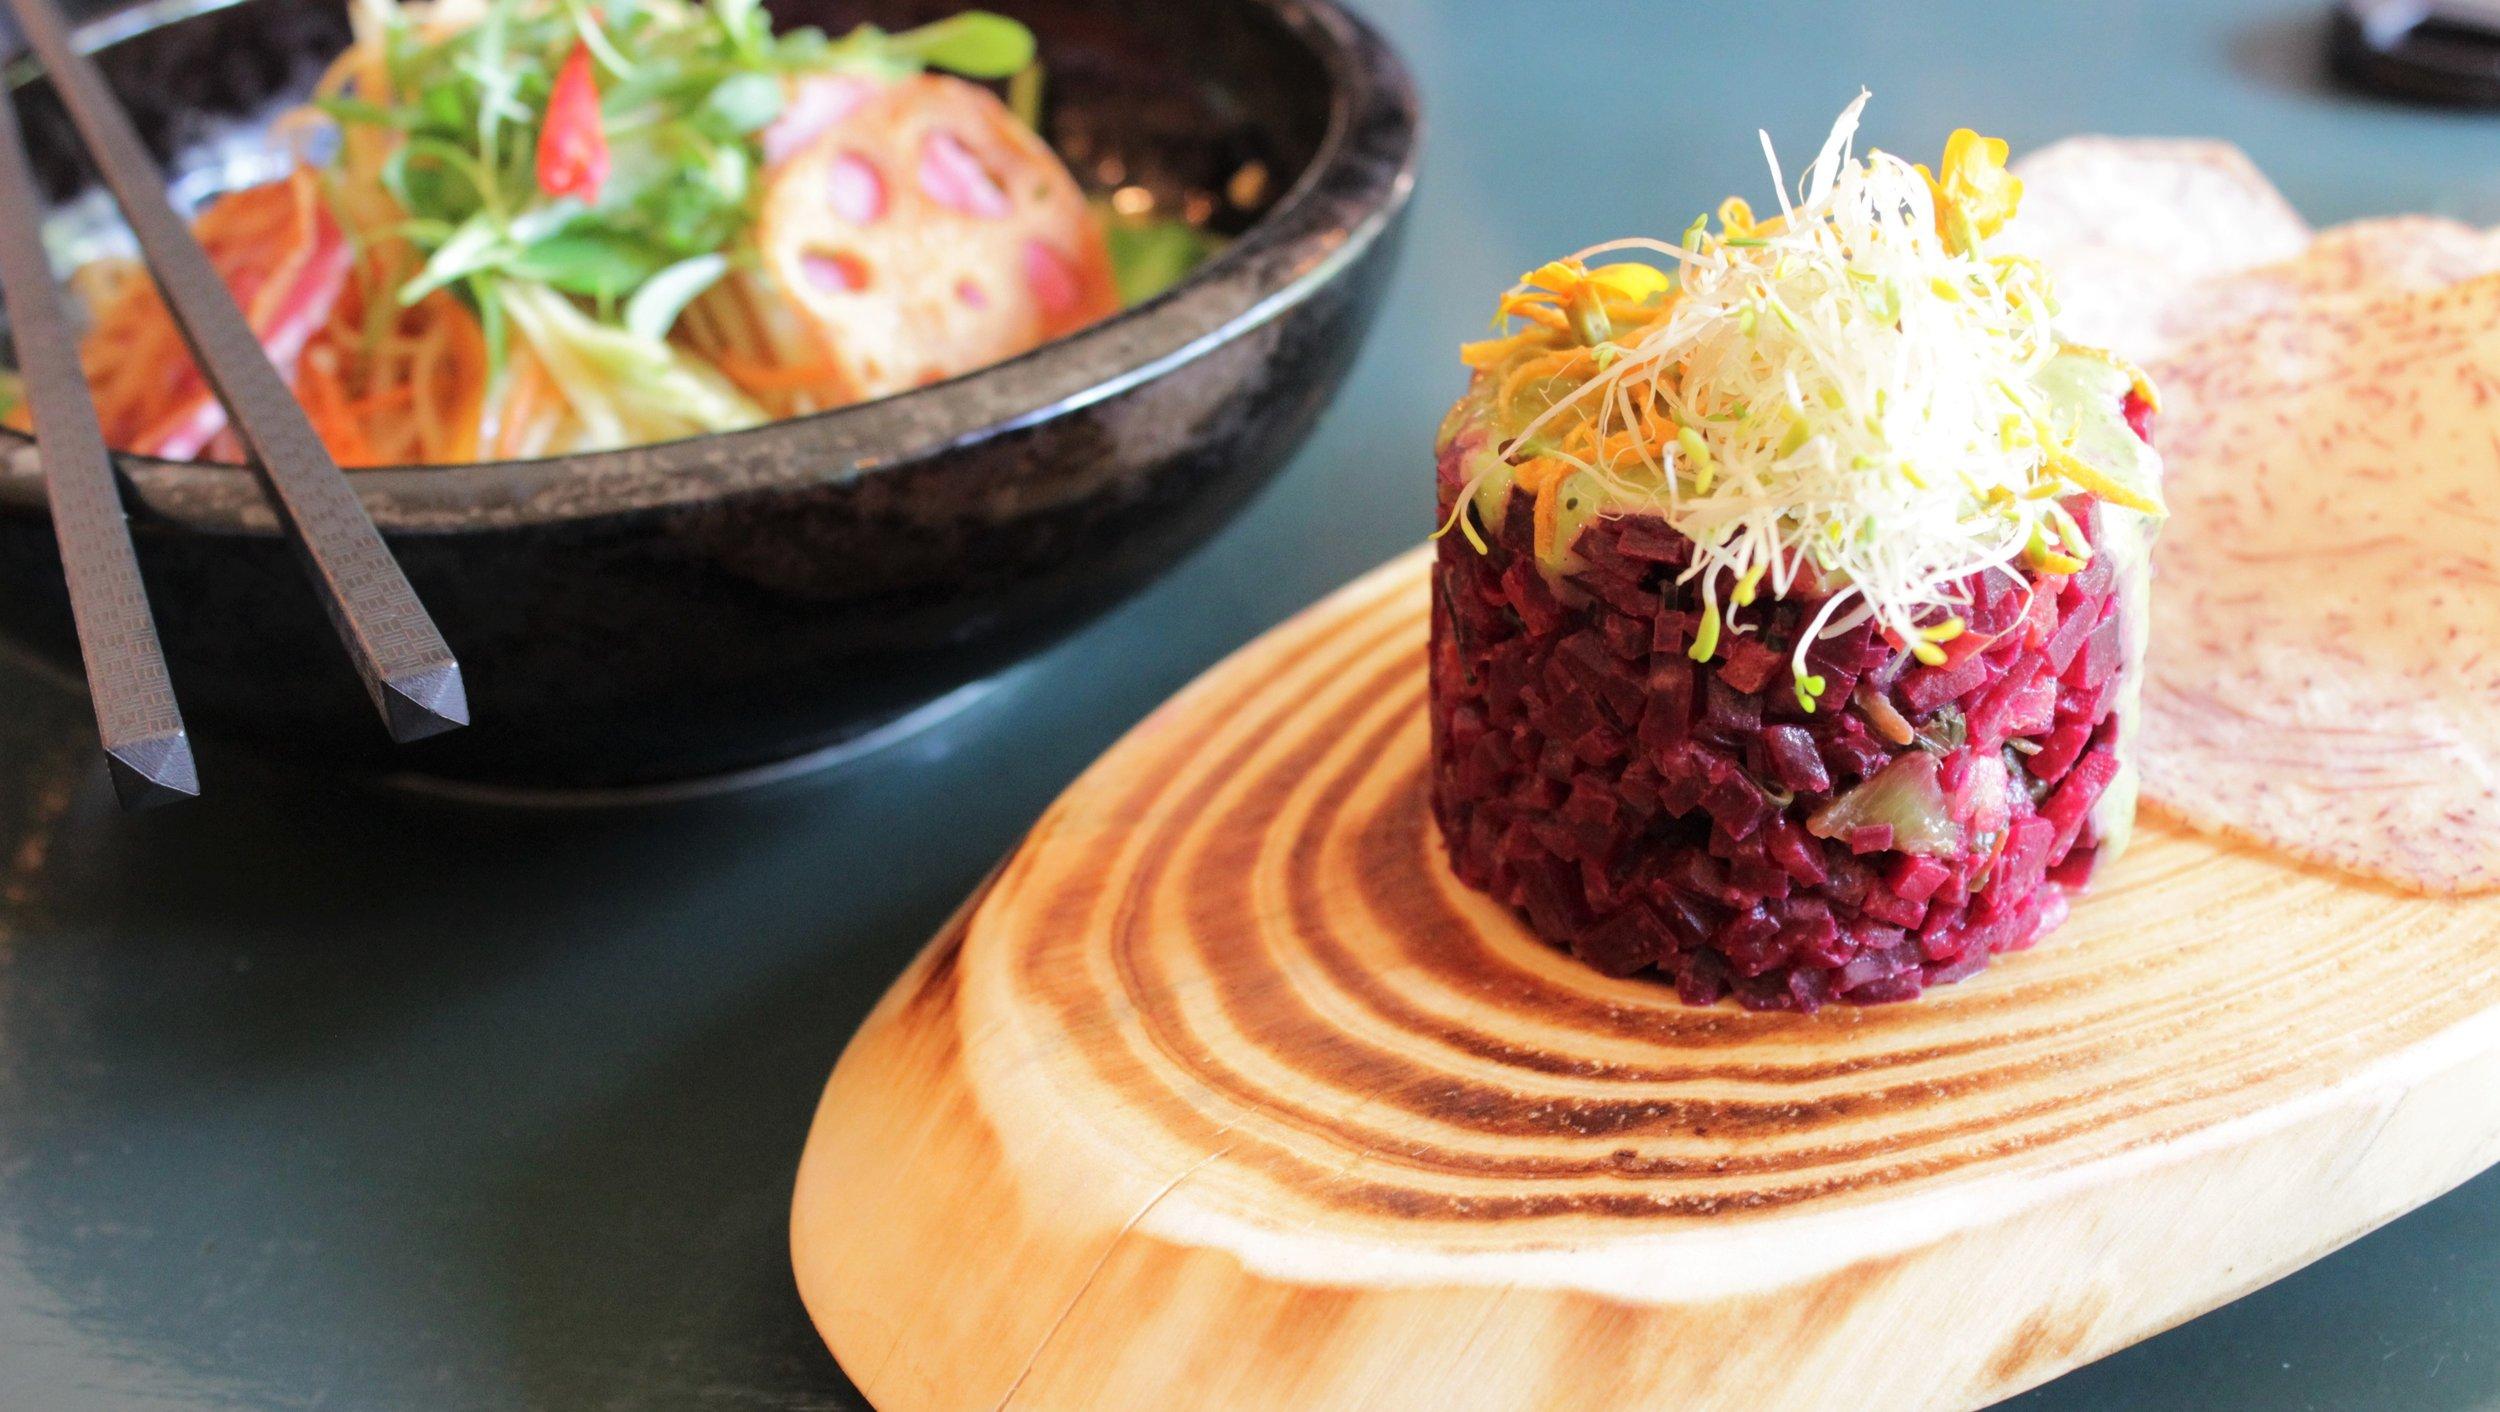 2nd service: Papaya Salad & Beet Tartar